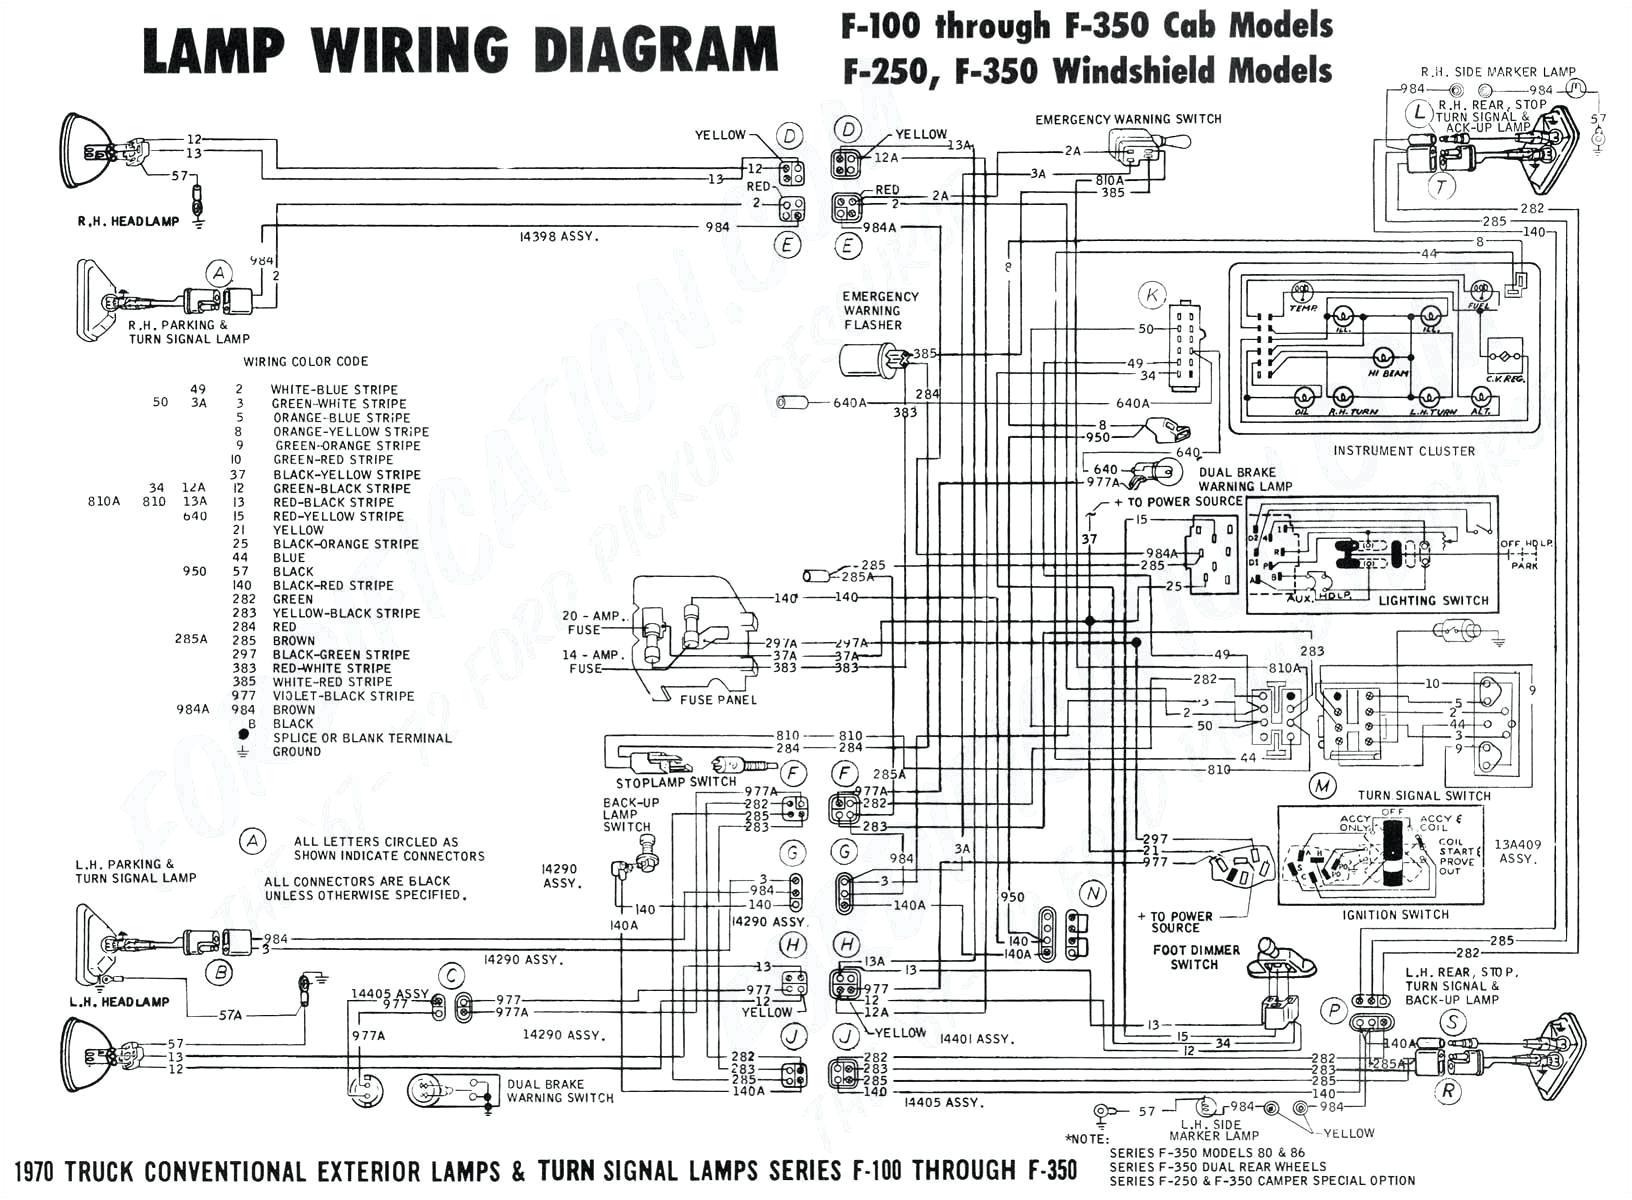 motor controller diagram motor repalcement parts and diagram motor control circuit diagram motor repalcement parts and